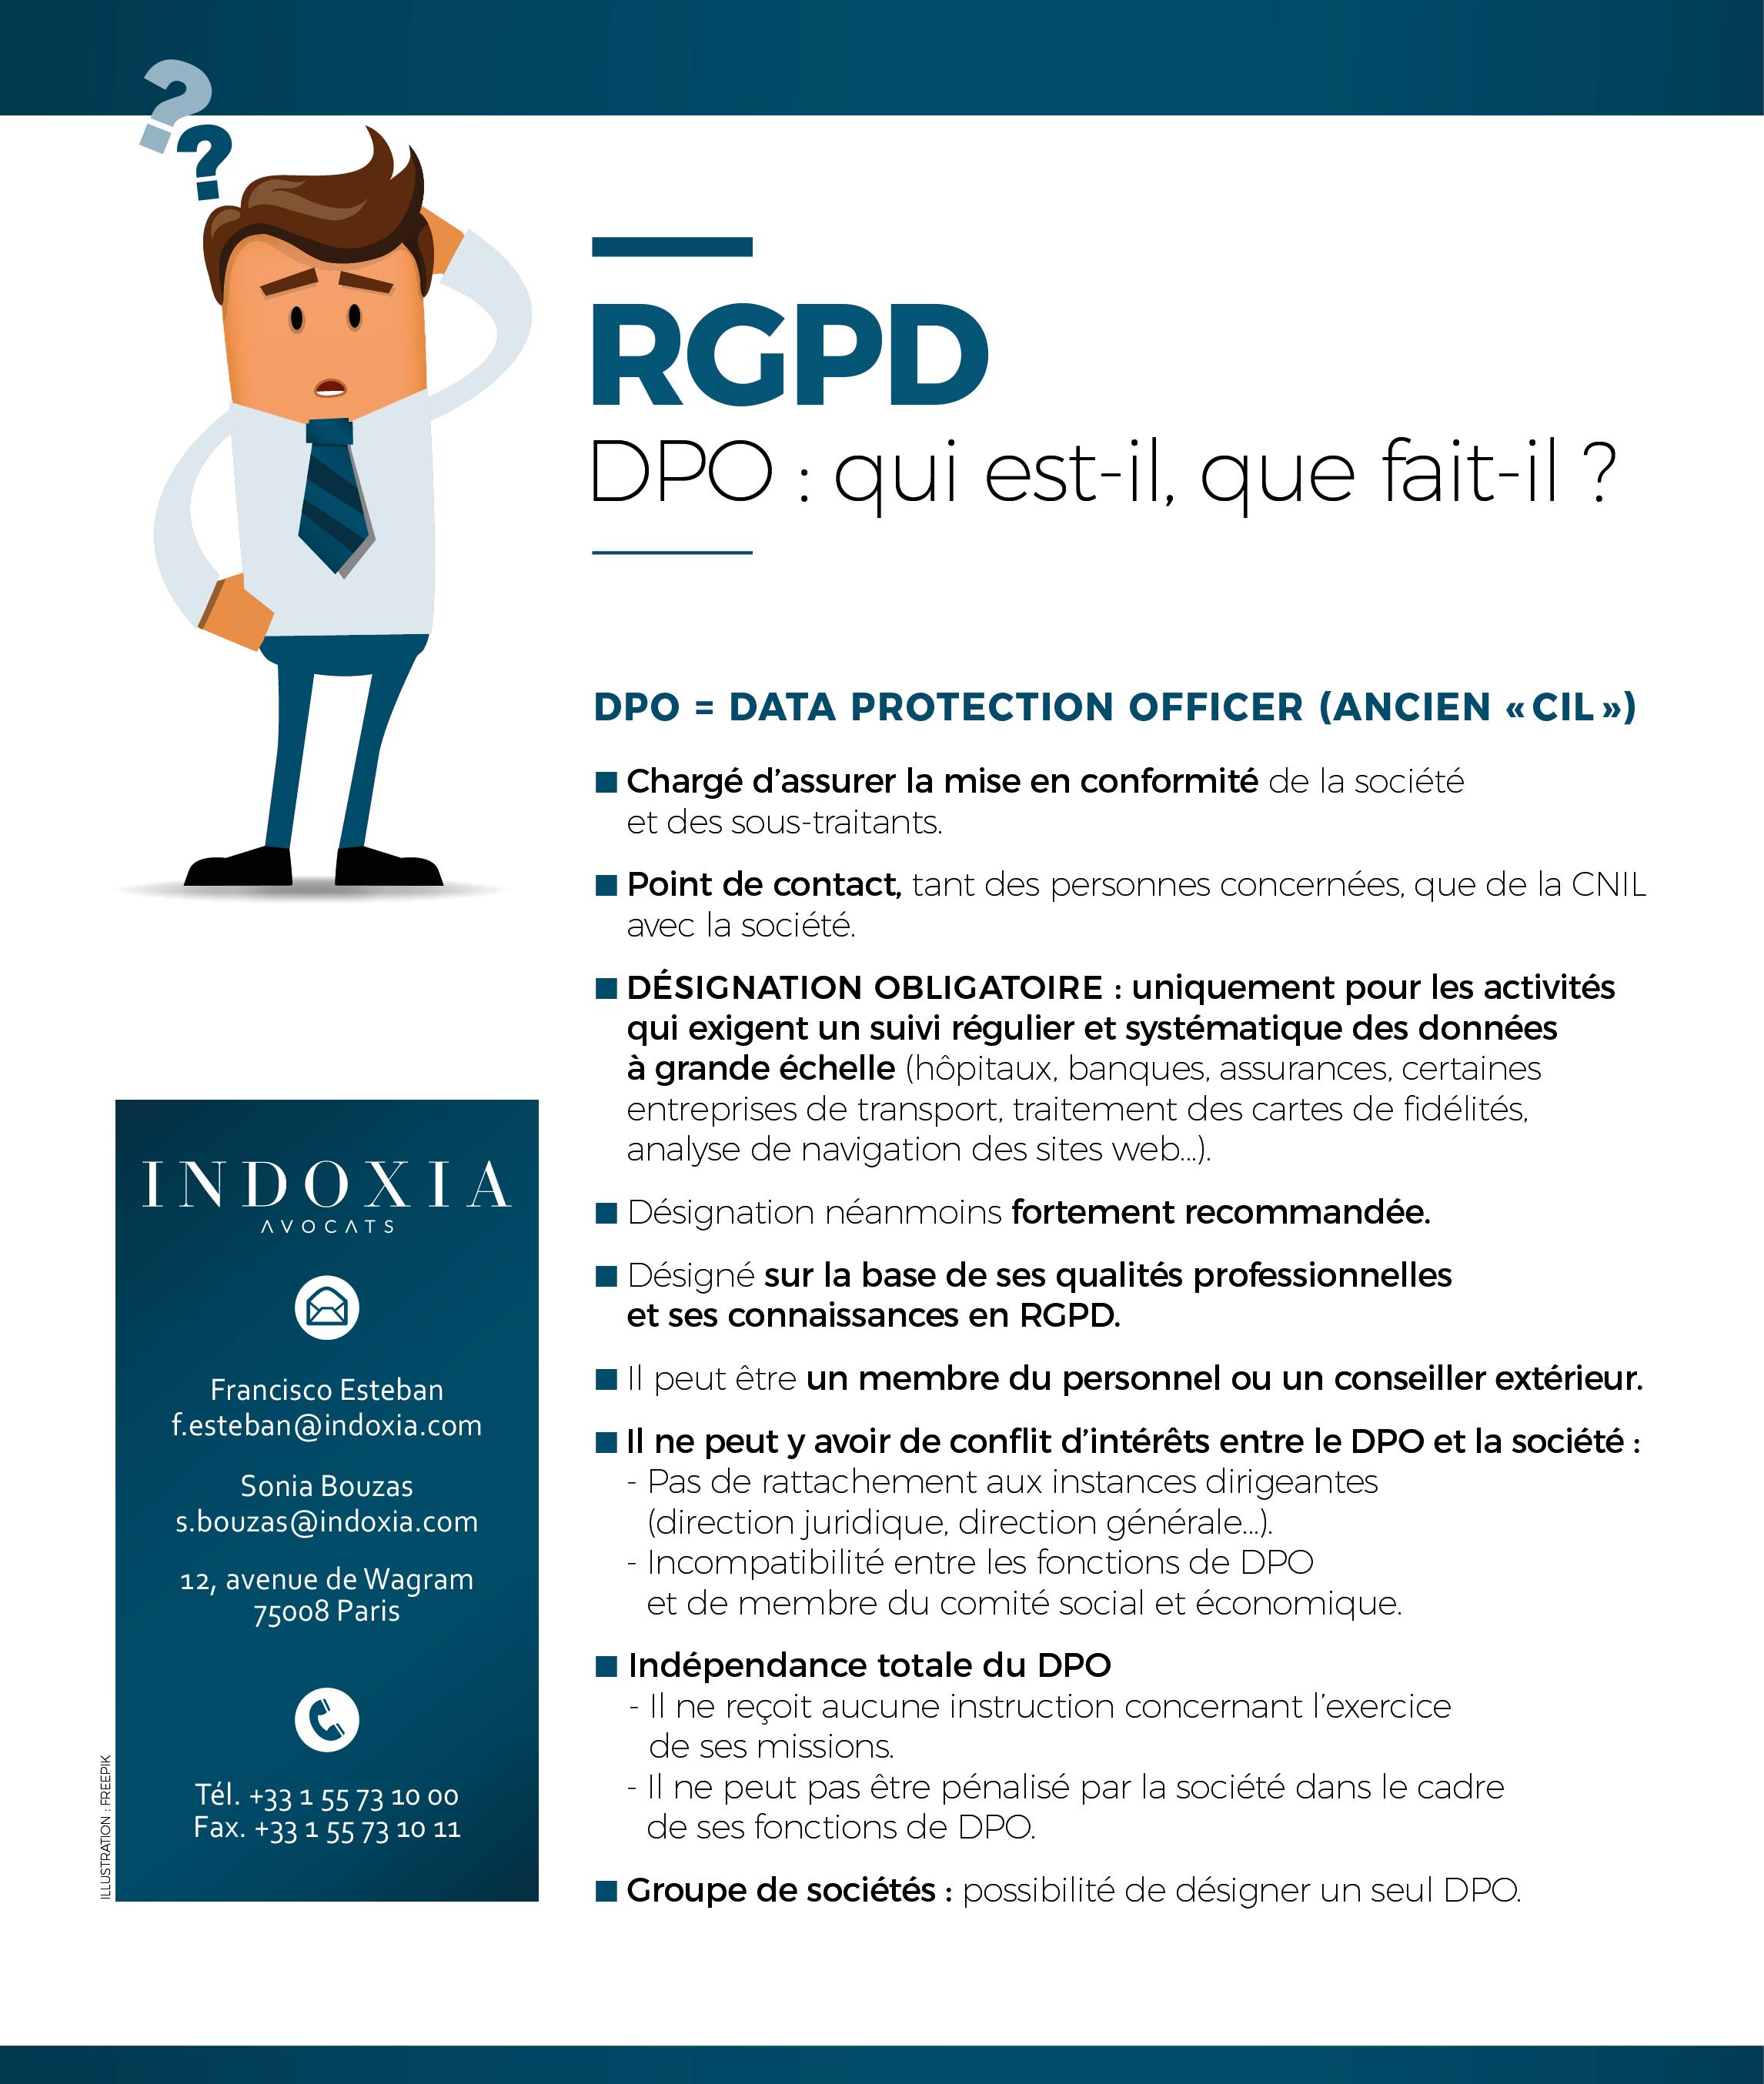 dpo_2-5c764c512f37a.png